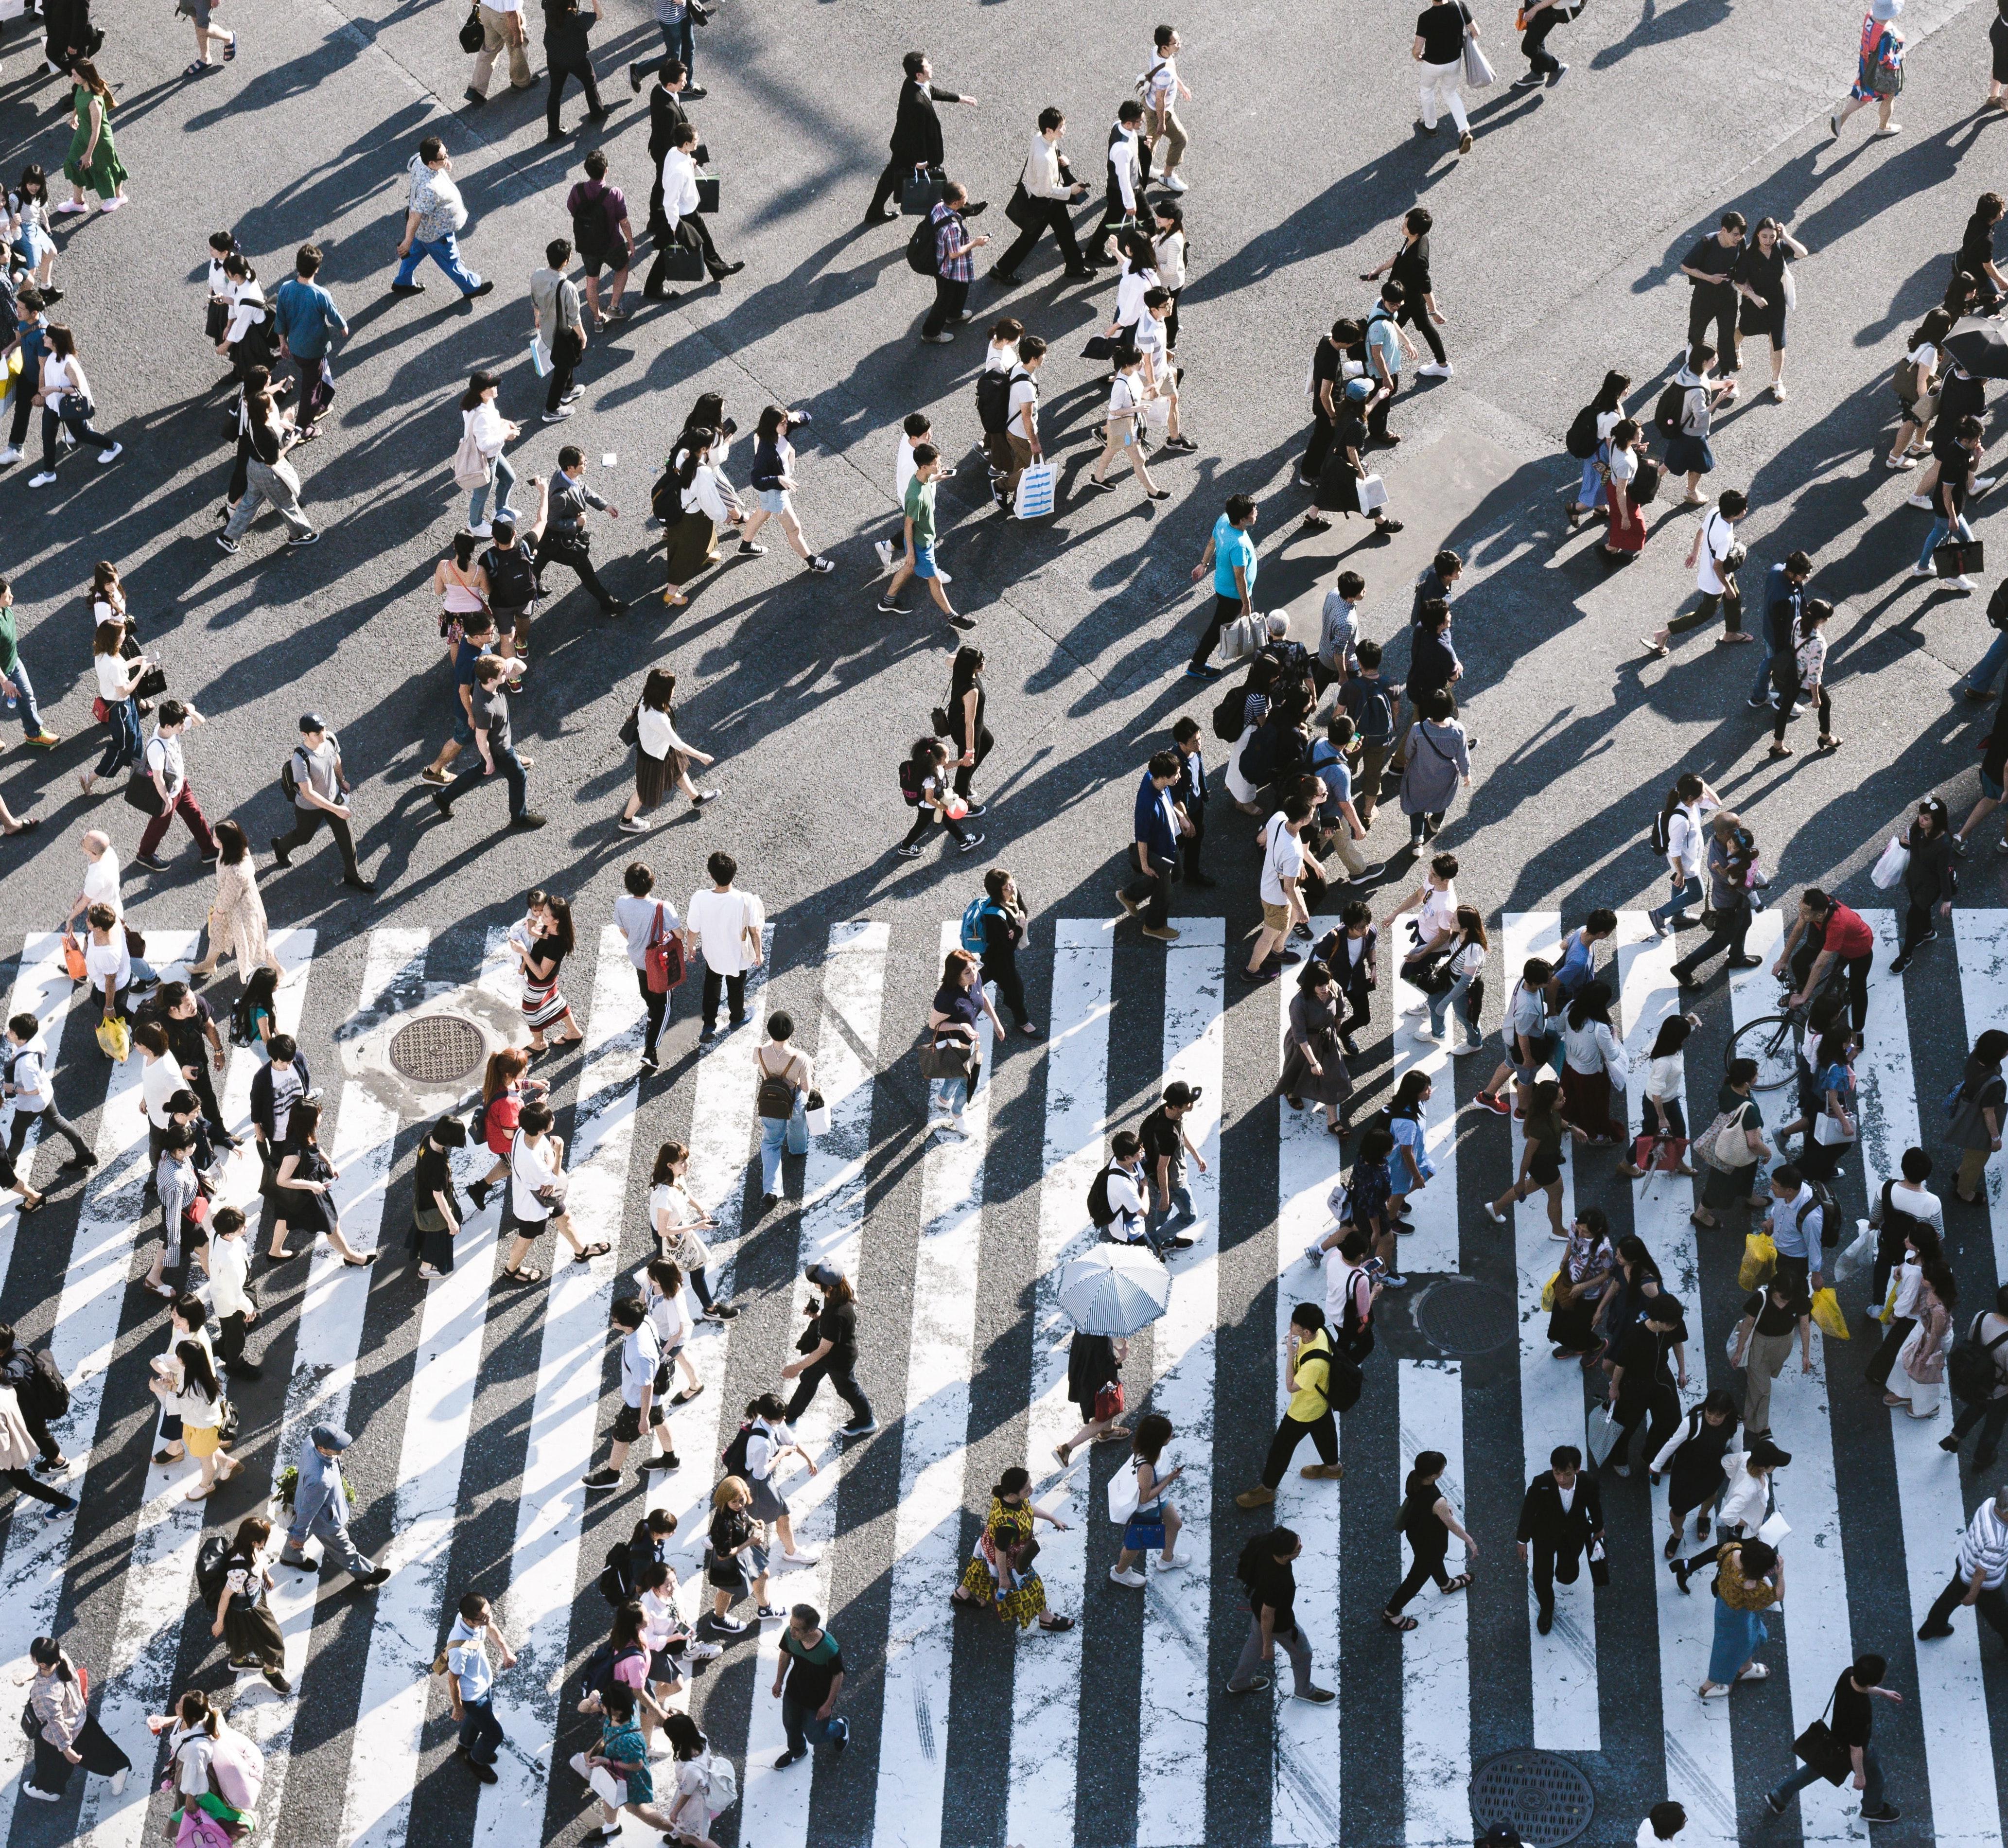 Swarms of people crossing sidewalk